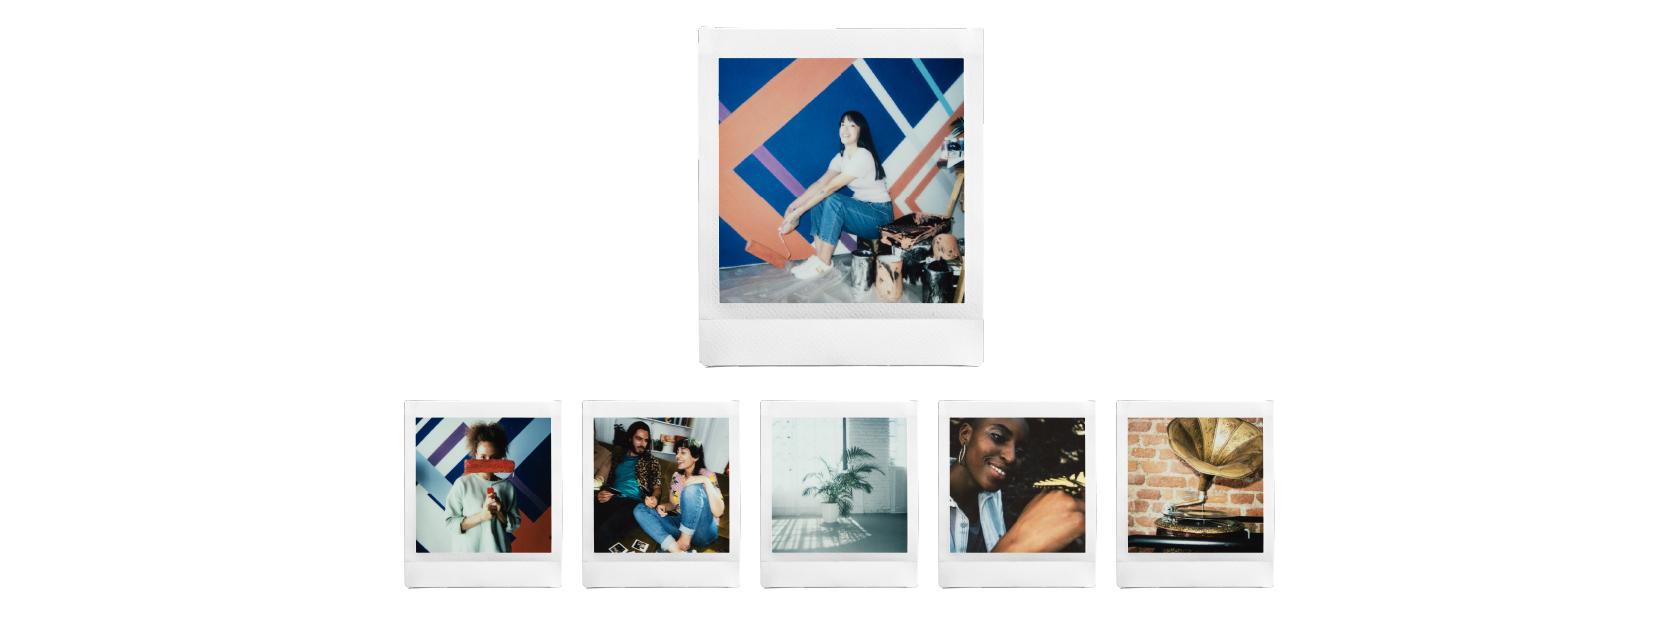 [photo] 나열된 인스탁스 스퀘어 필름 사진 - 그림 그리고 얘기하는 다양한 청년들과 장식 사진